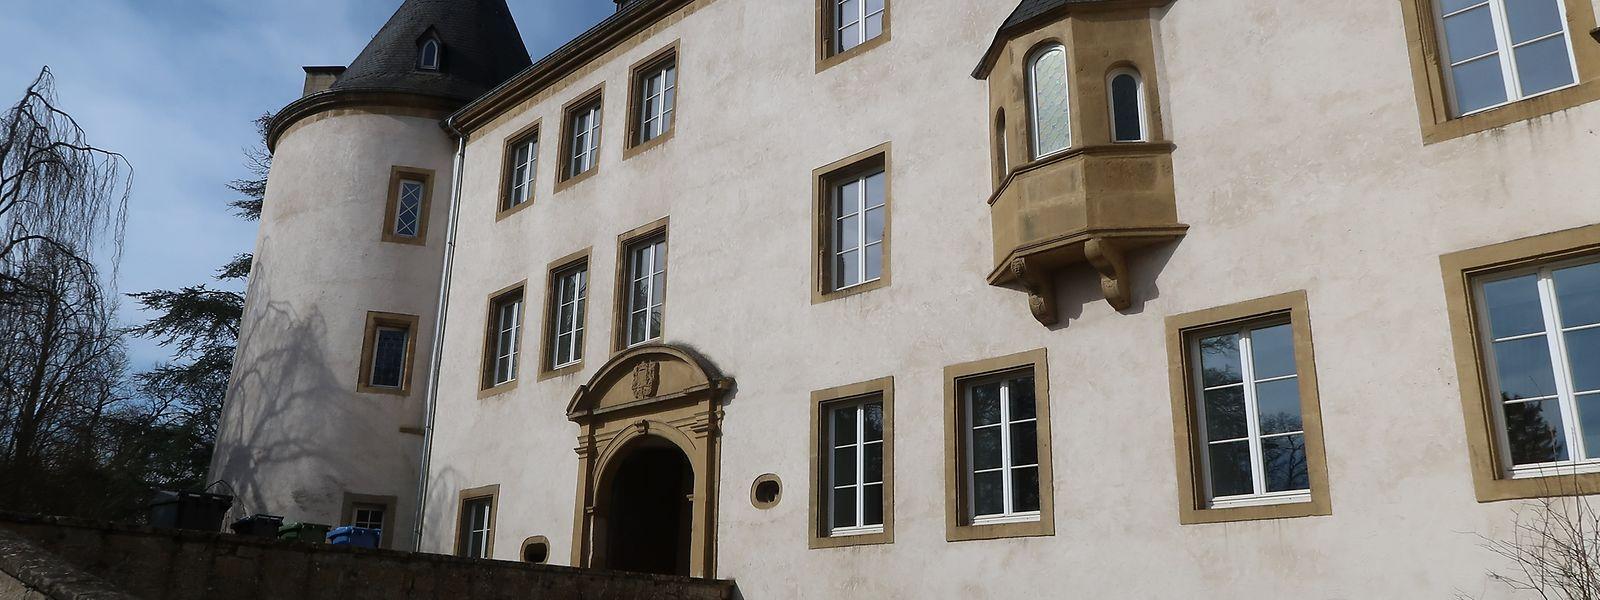 Das Schloss gehört dem Staat. Die Unterhaltskosten für das geschützte Gebäude gelten als sehr hoch.